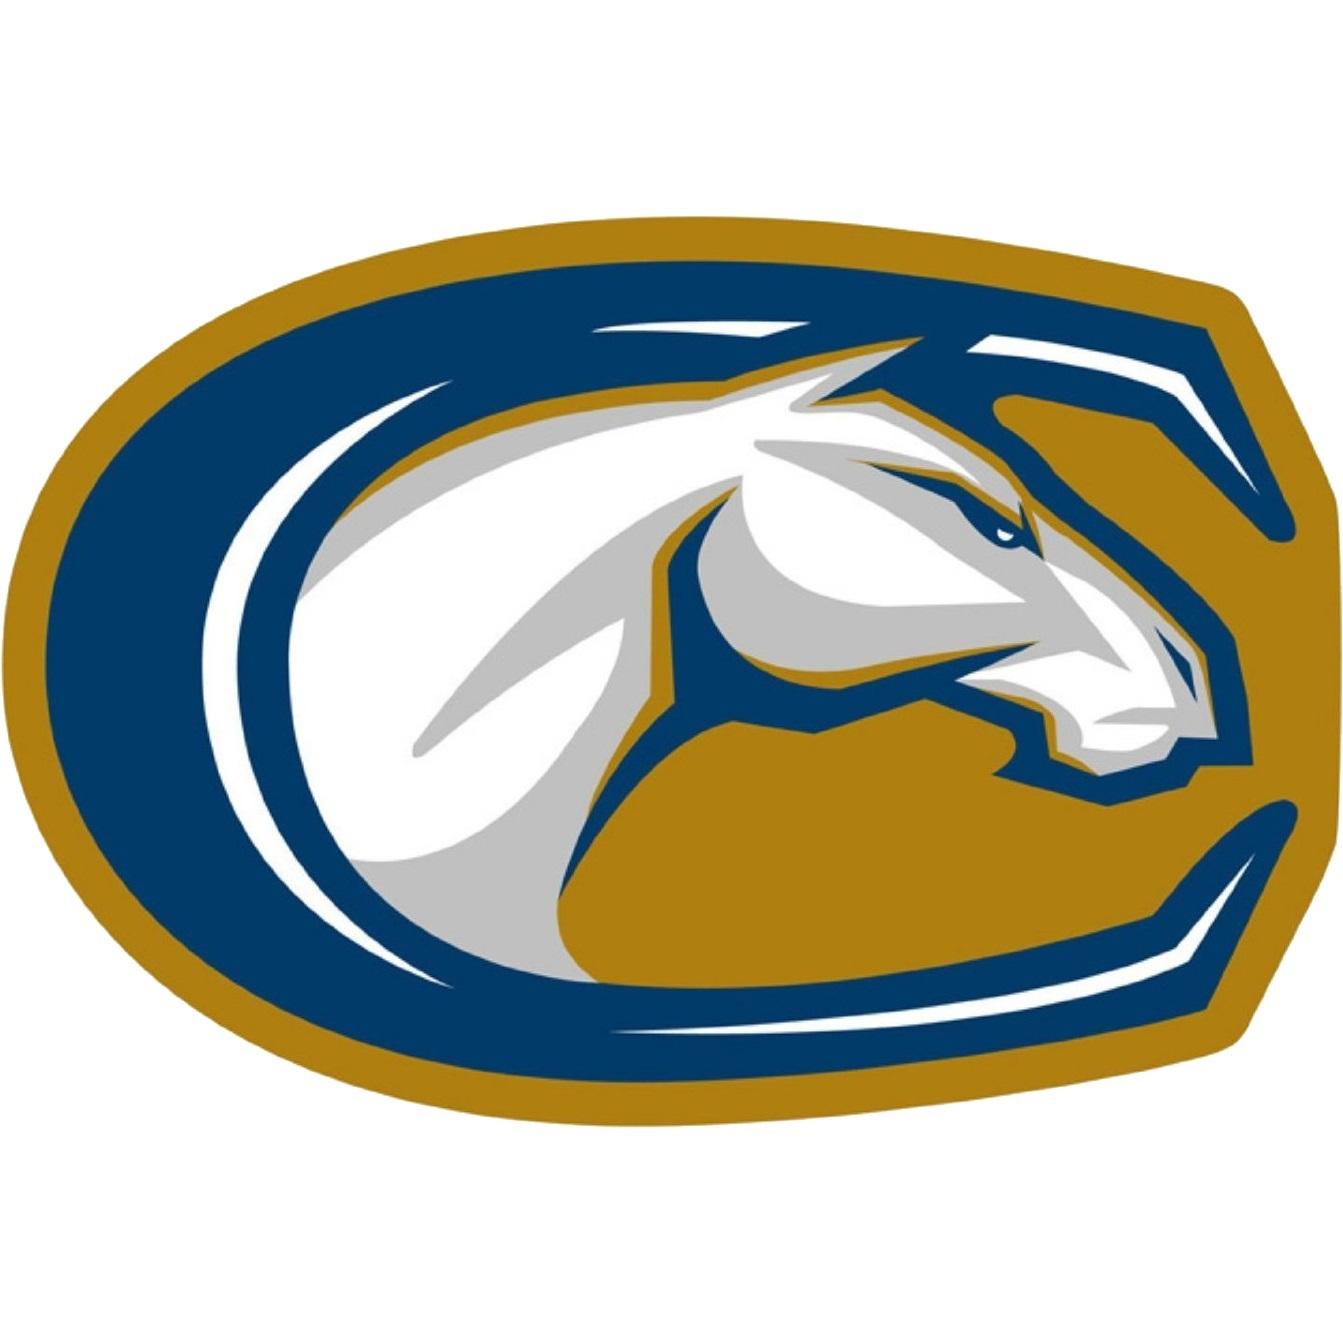 UC Davis Mascot2